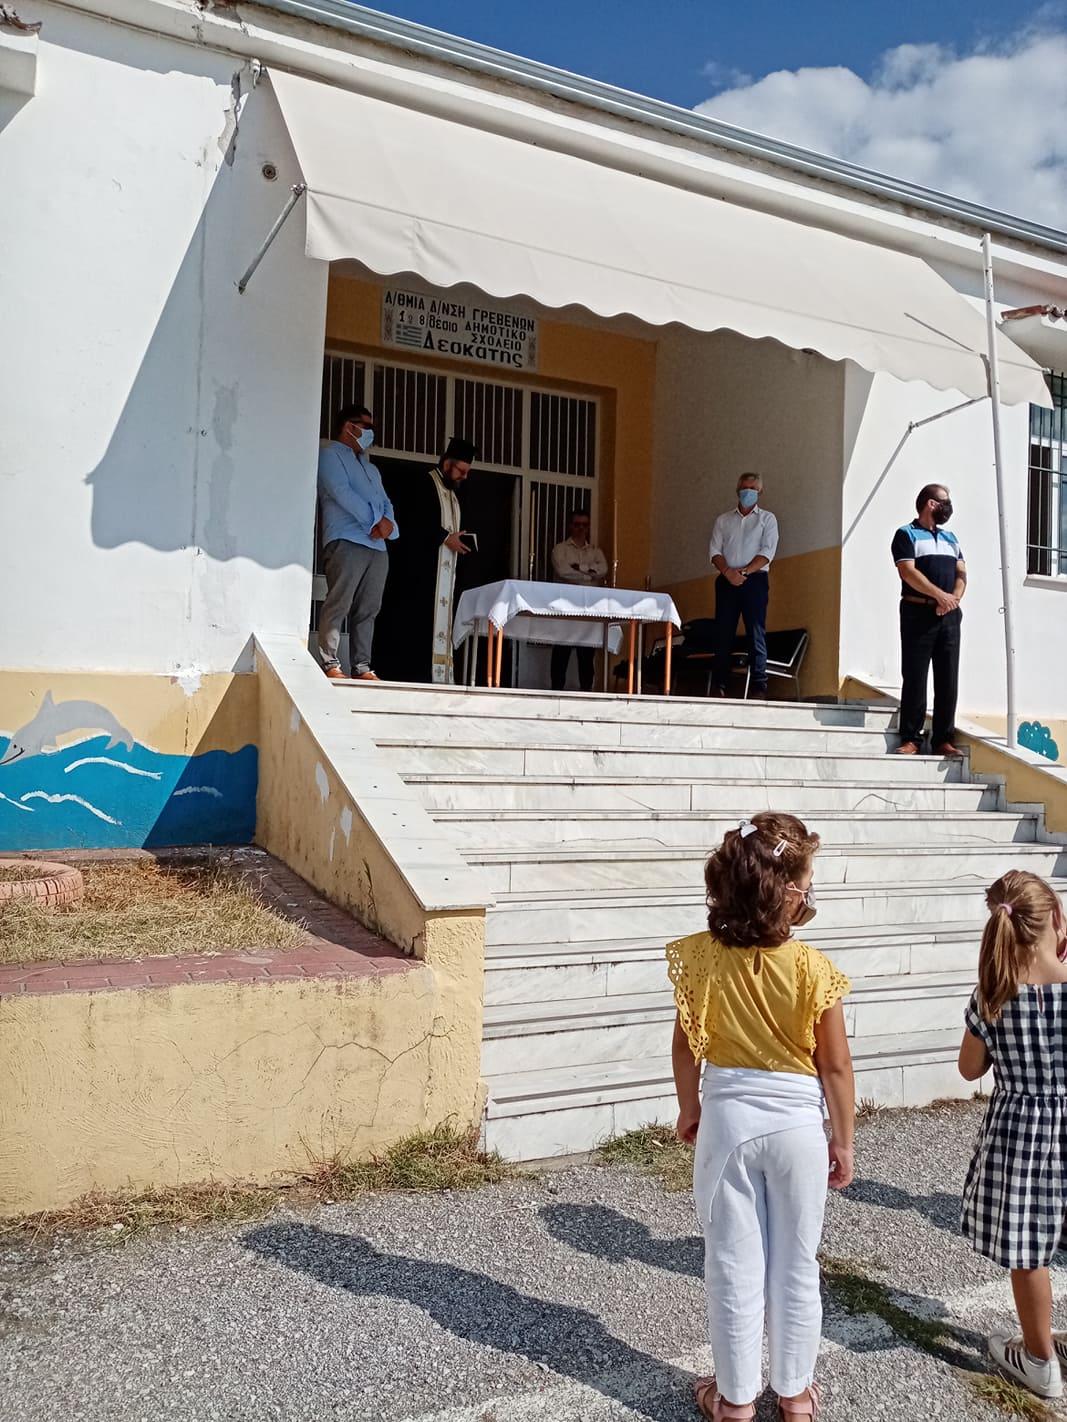 Πραγματοποιήθηκε ο αγιασμός στα σχολεία στο Δήμο Δεσκάτης